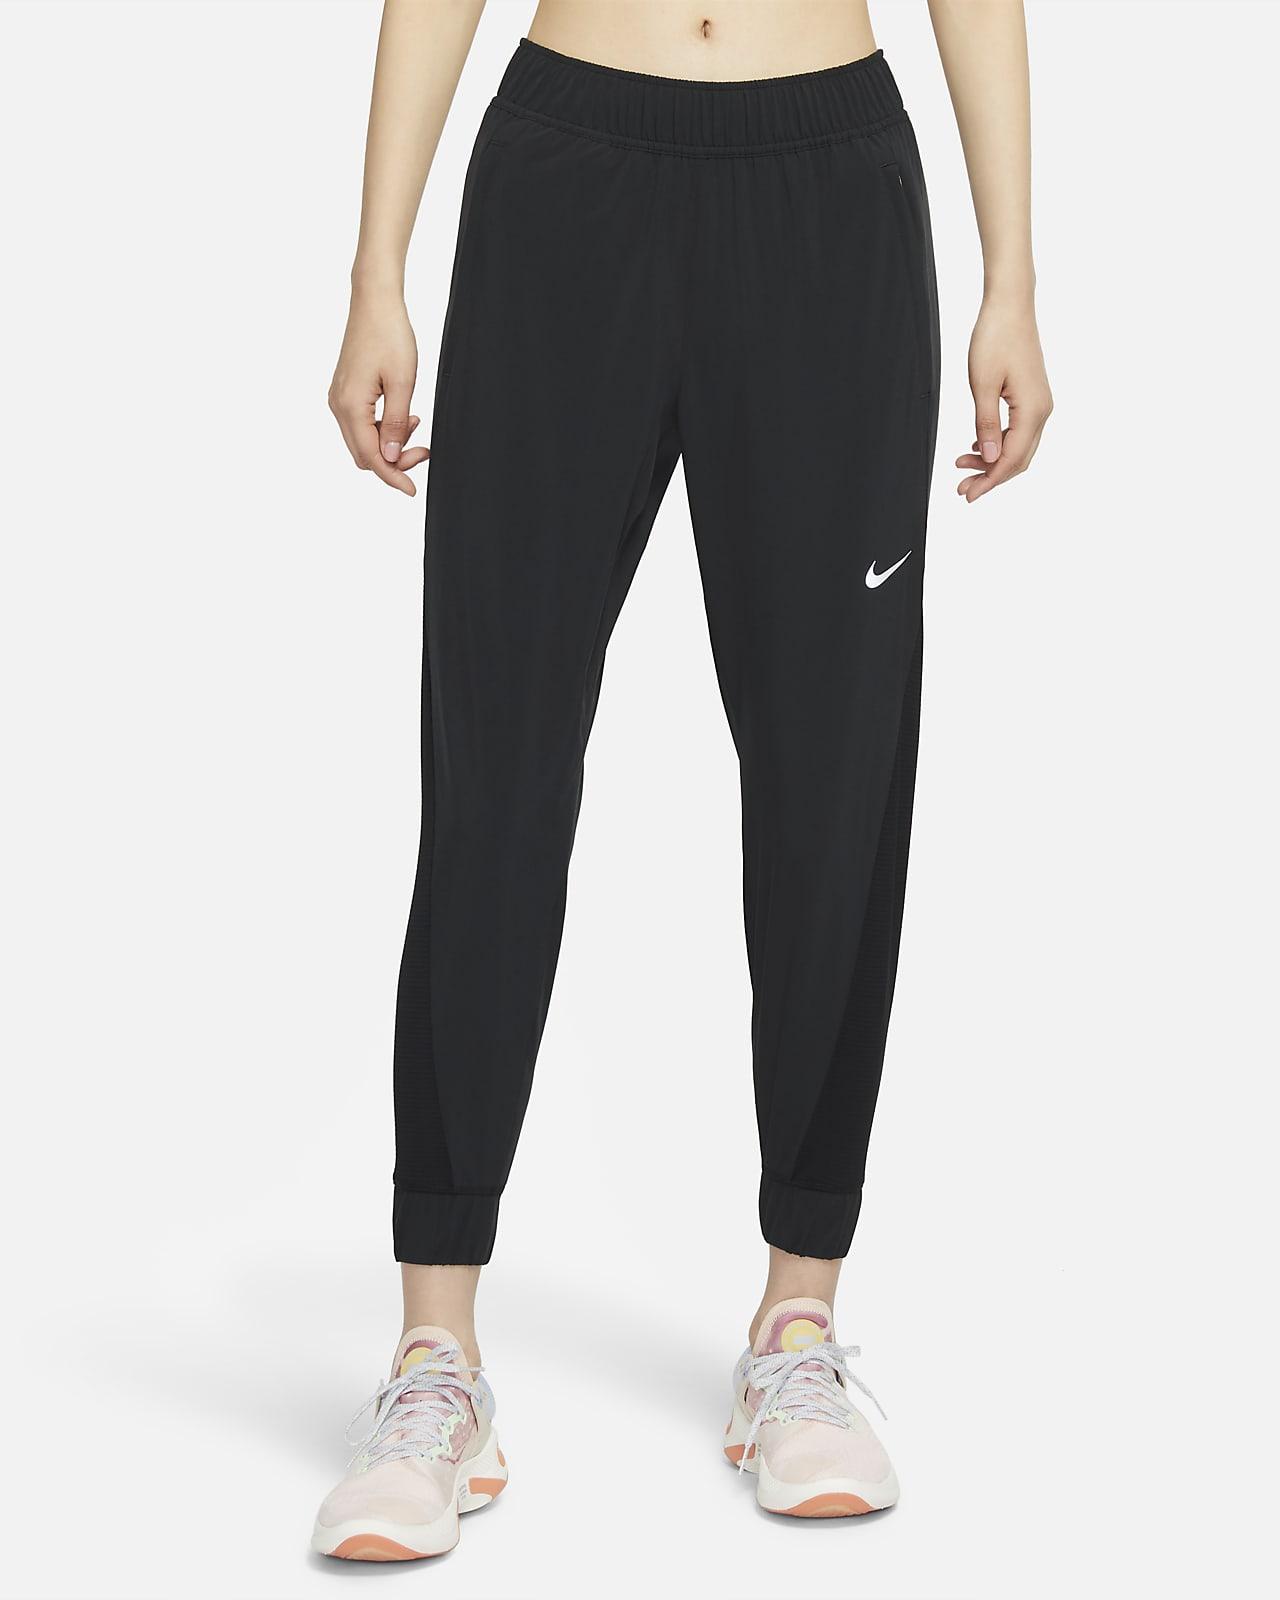 Nike Essential 女子跑步长裤